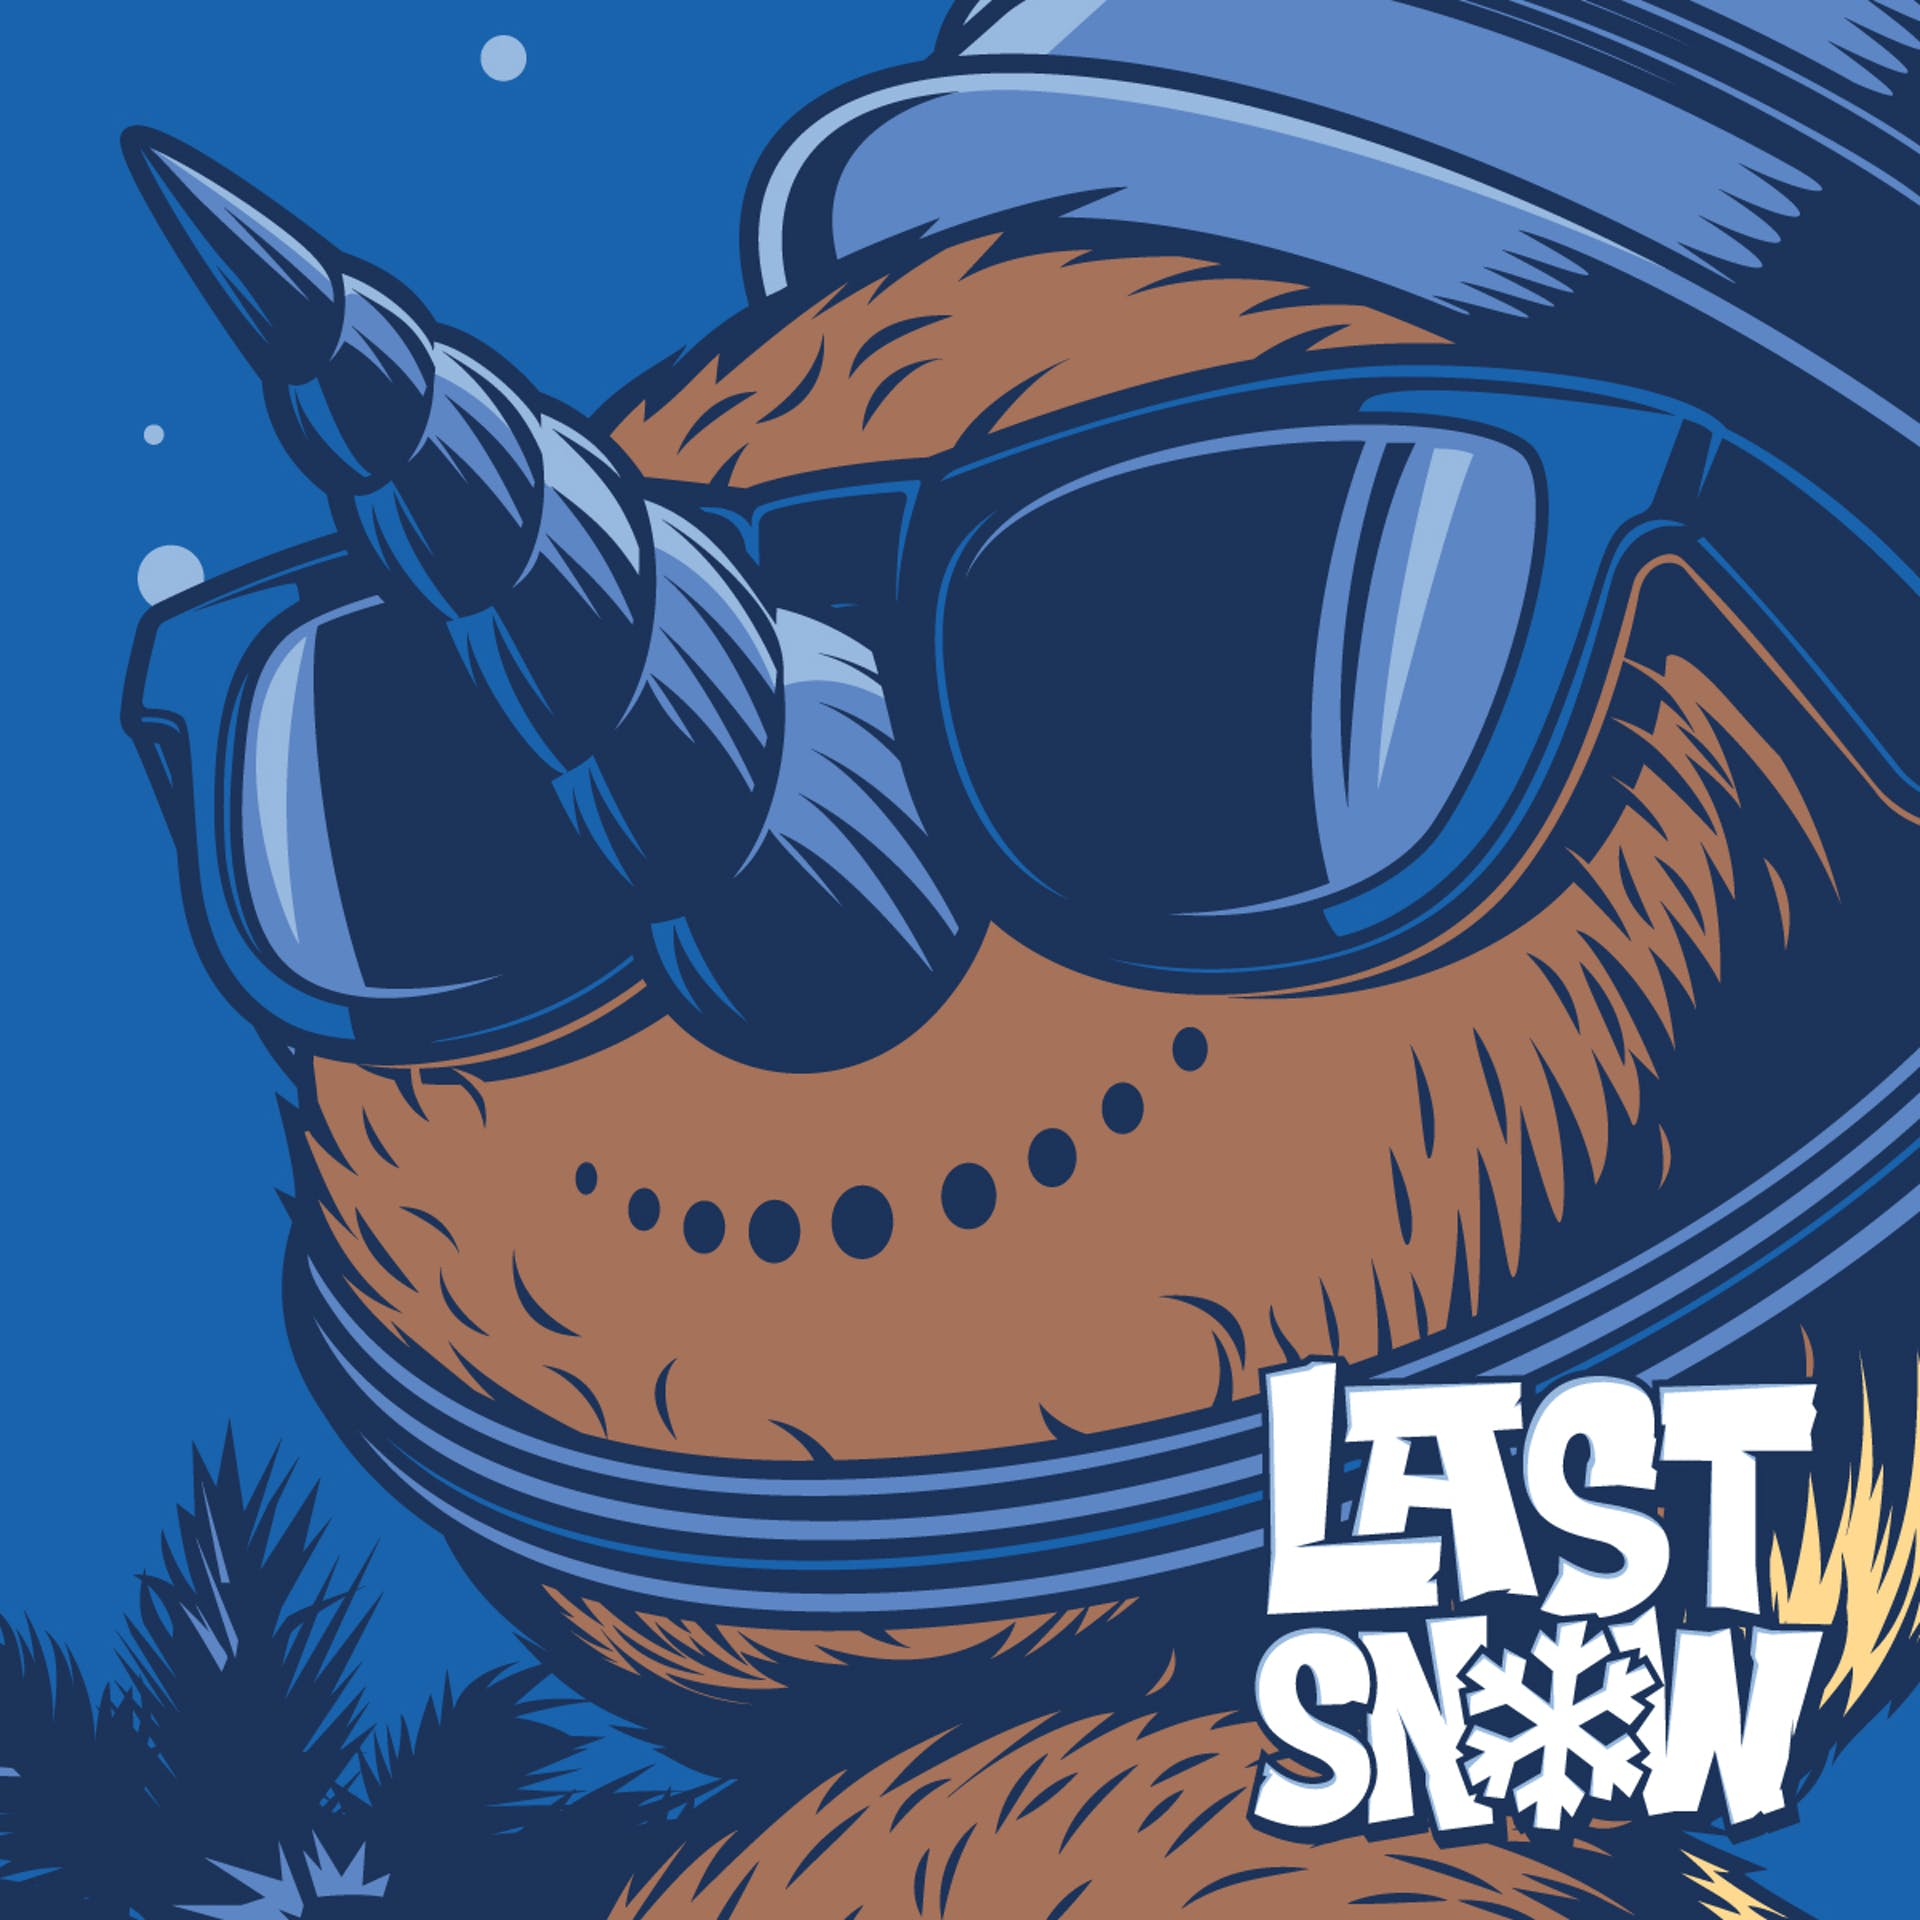 Last-Snow_socialmedia_profiles_1200x1200